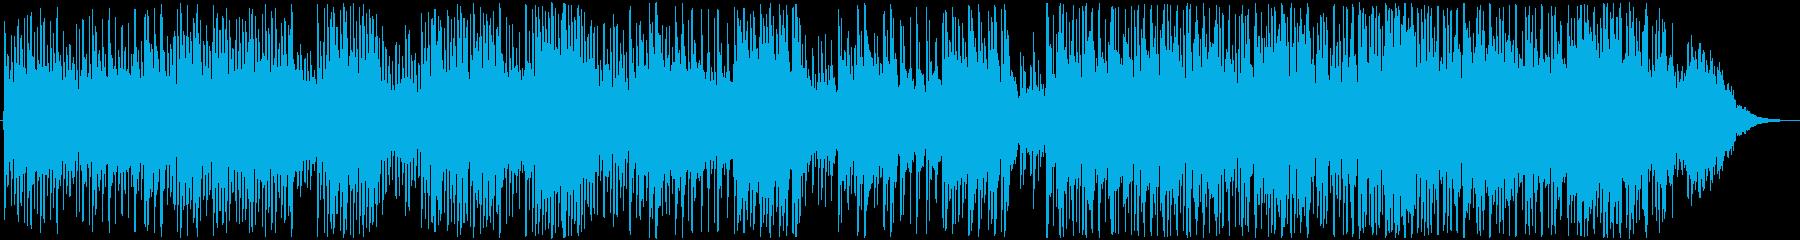 明るく繊細でゆったりとしたメロディック曲の再生済みの波形